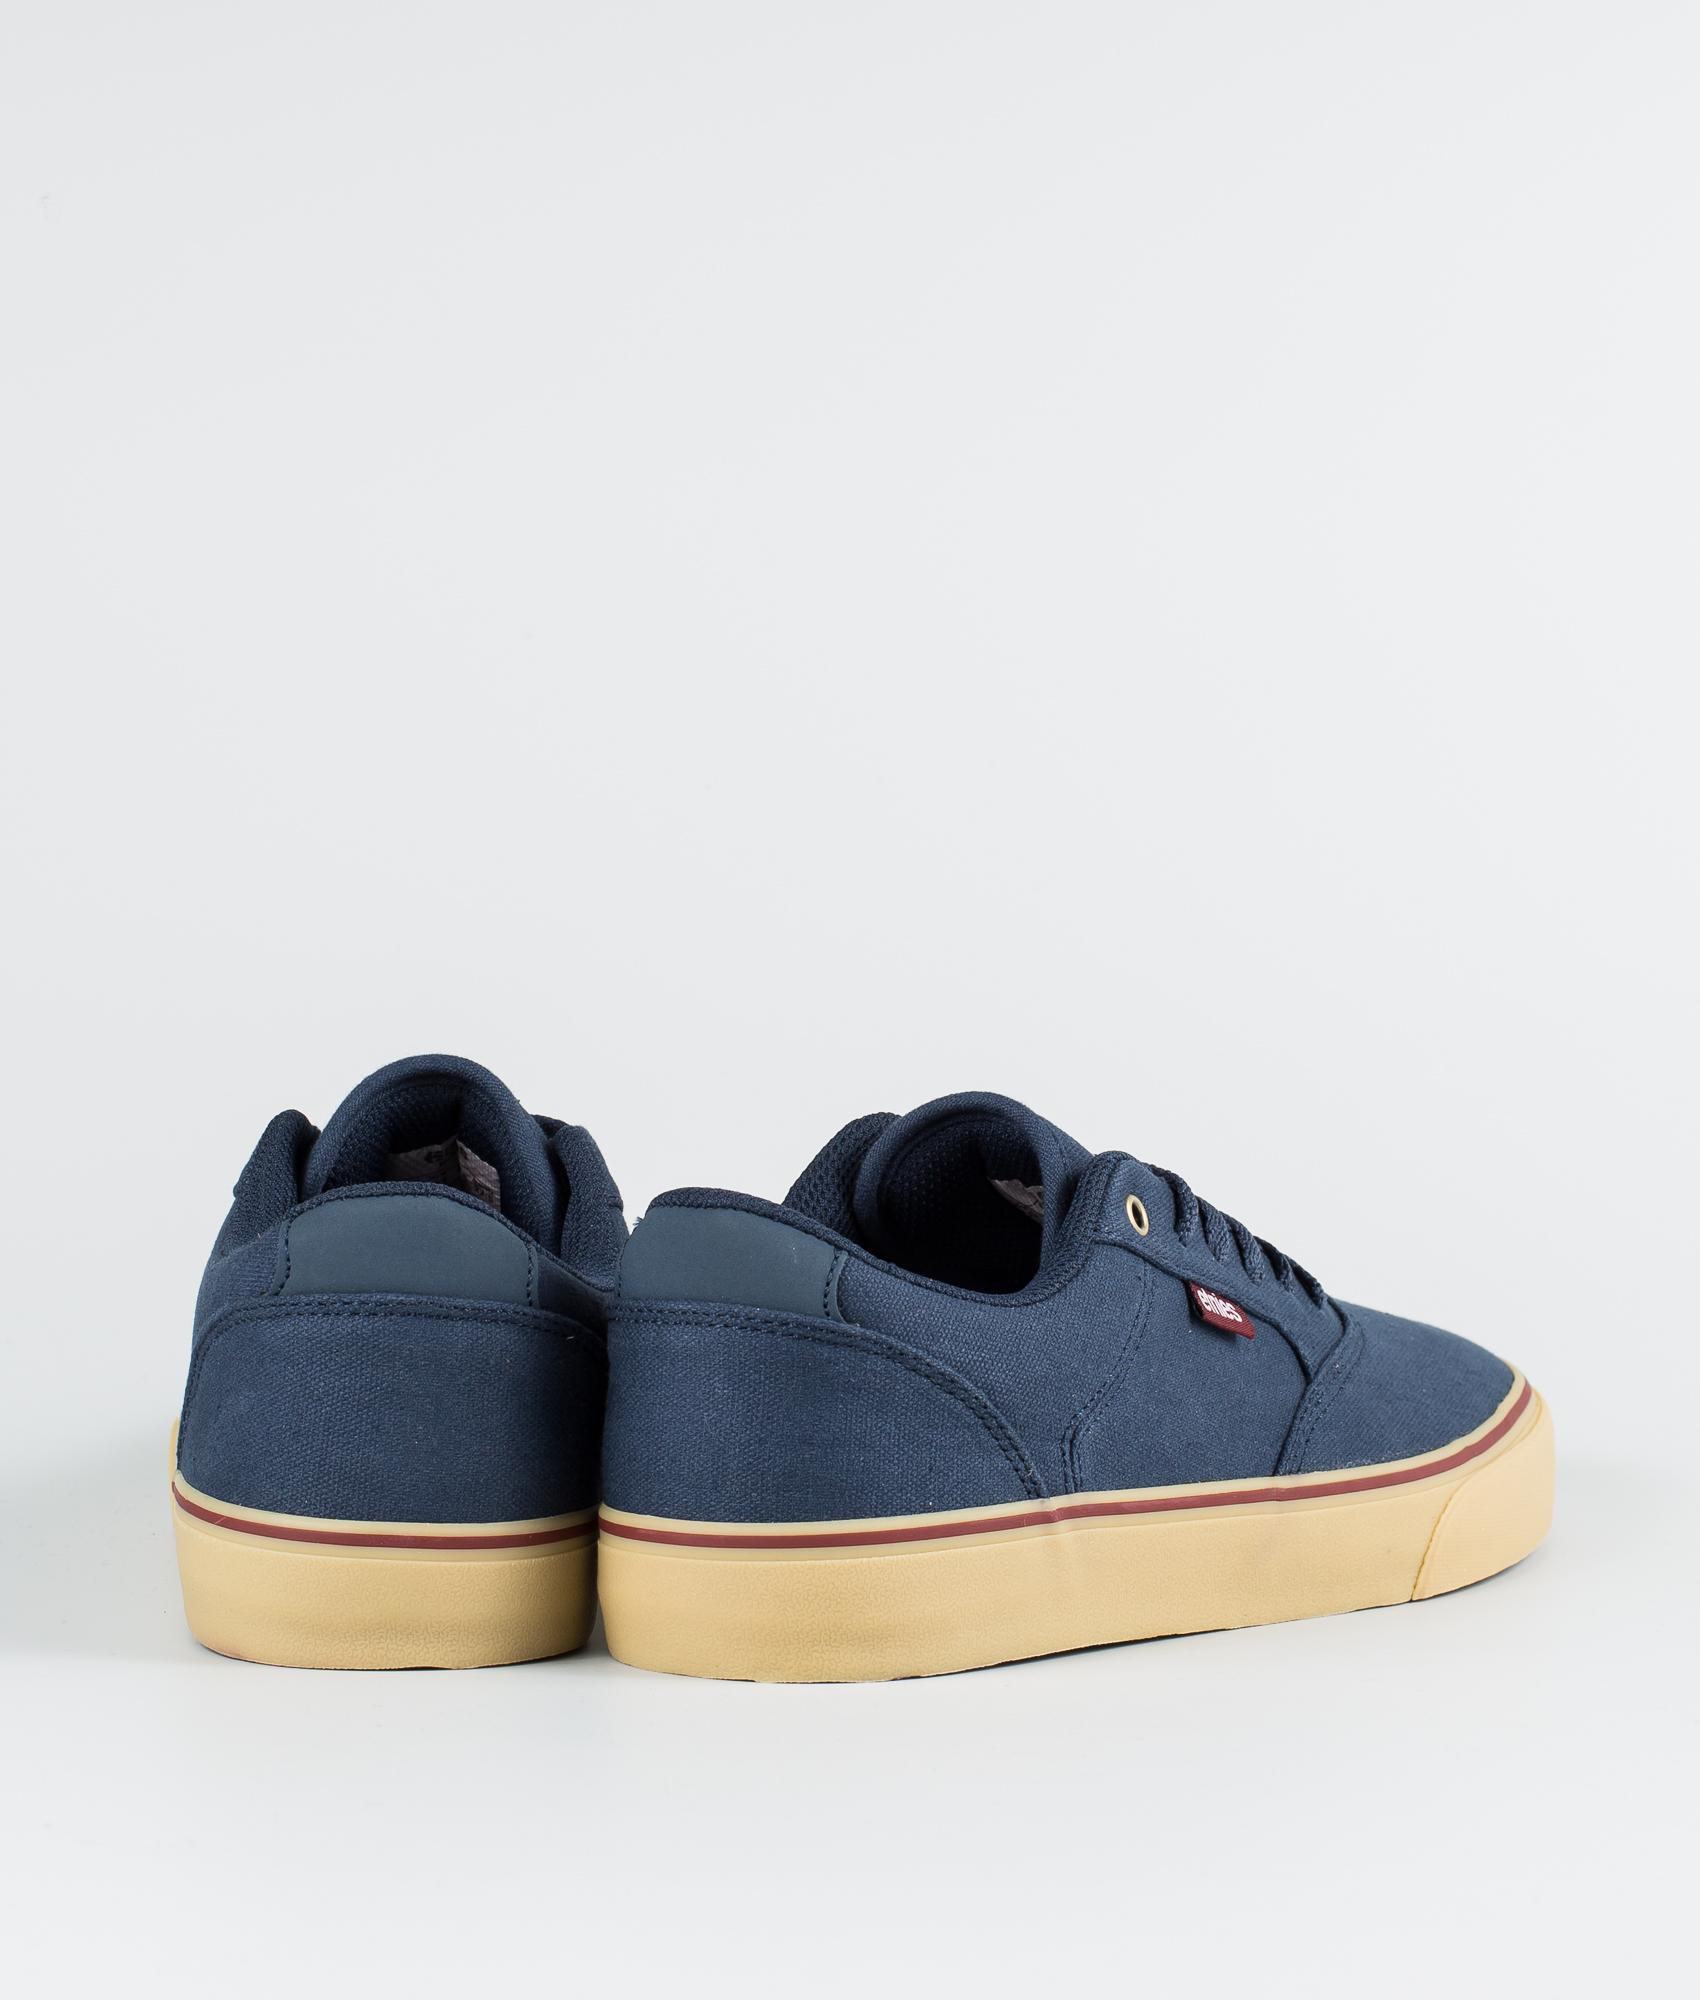 Etnies Blitz Shoes Navy/Gum - Ridestore.com